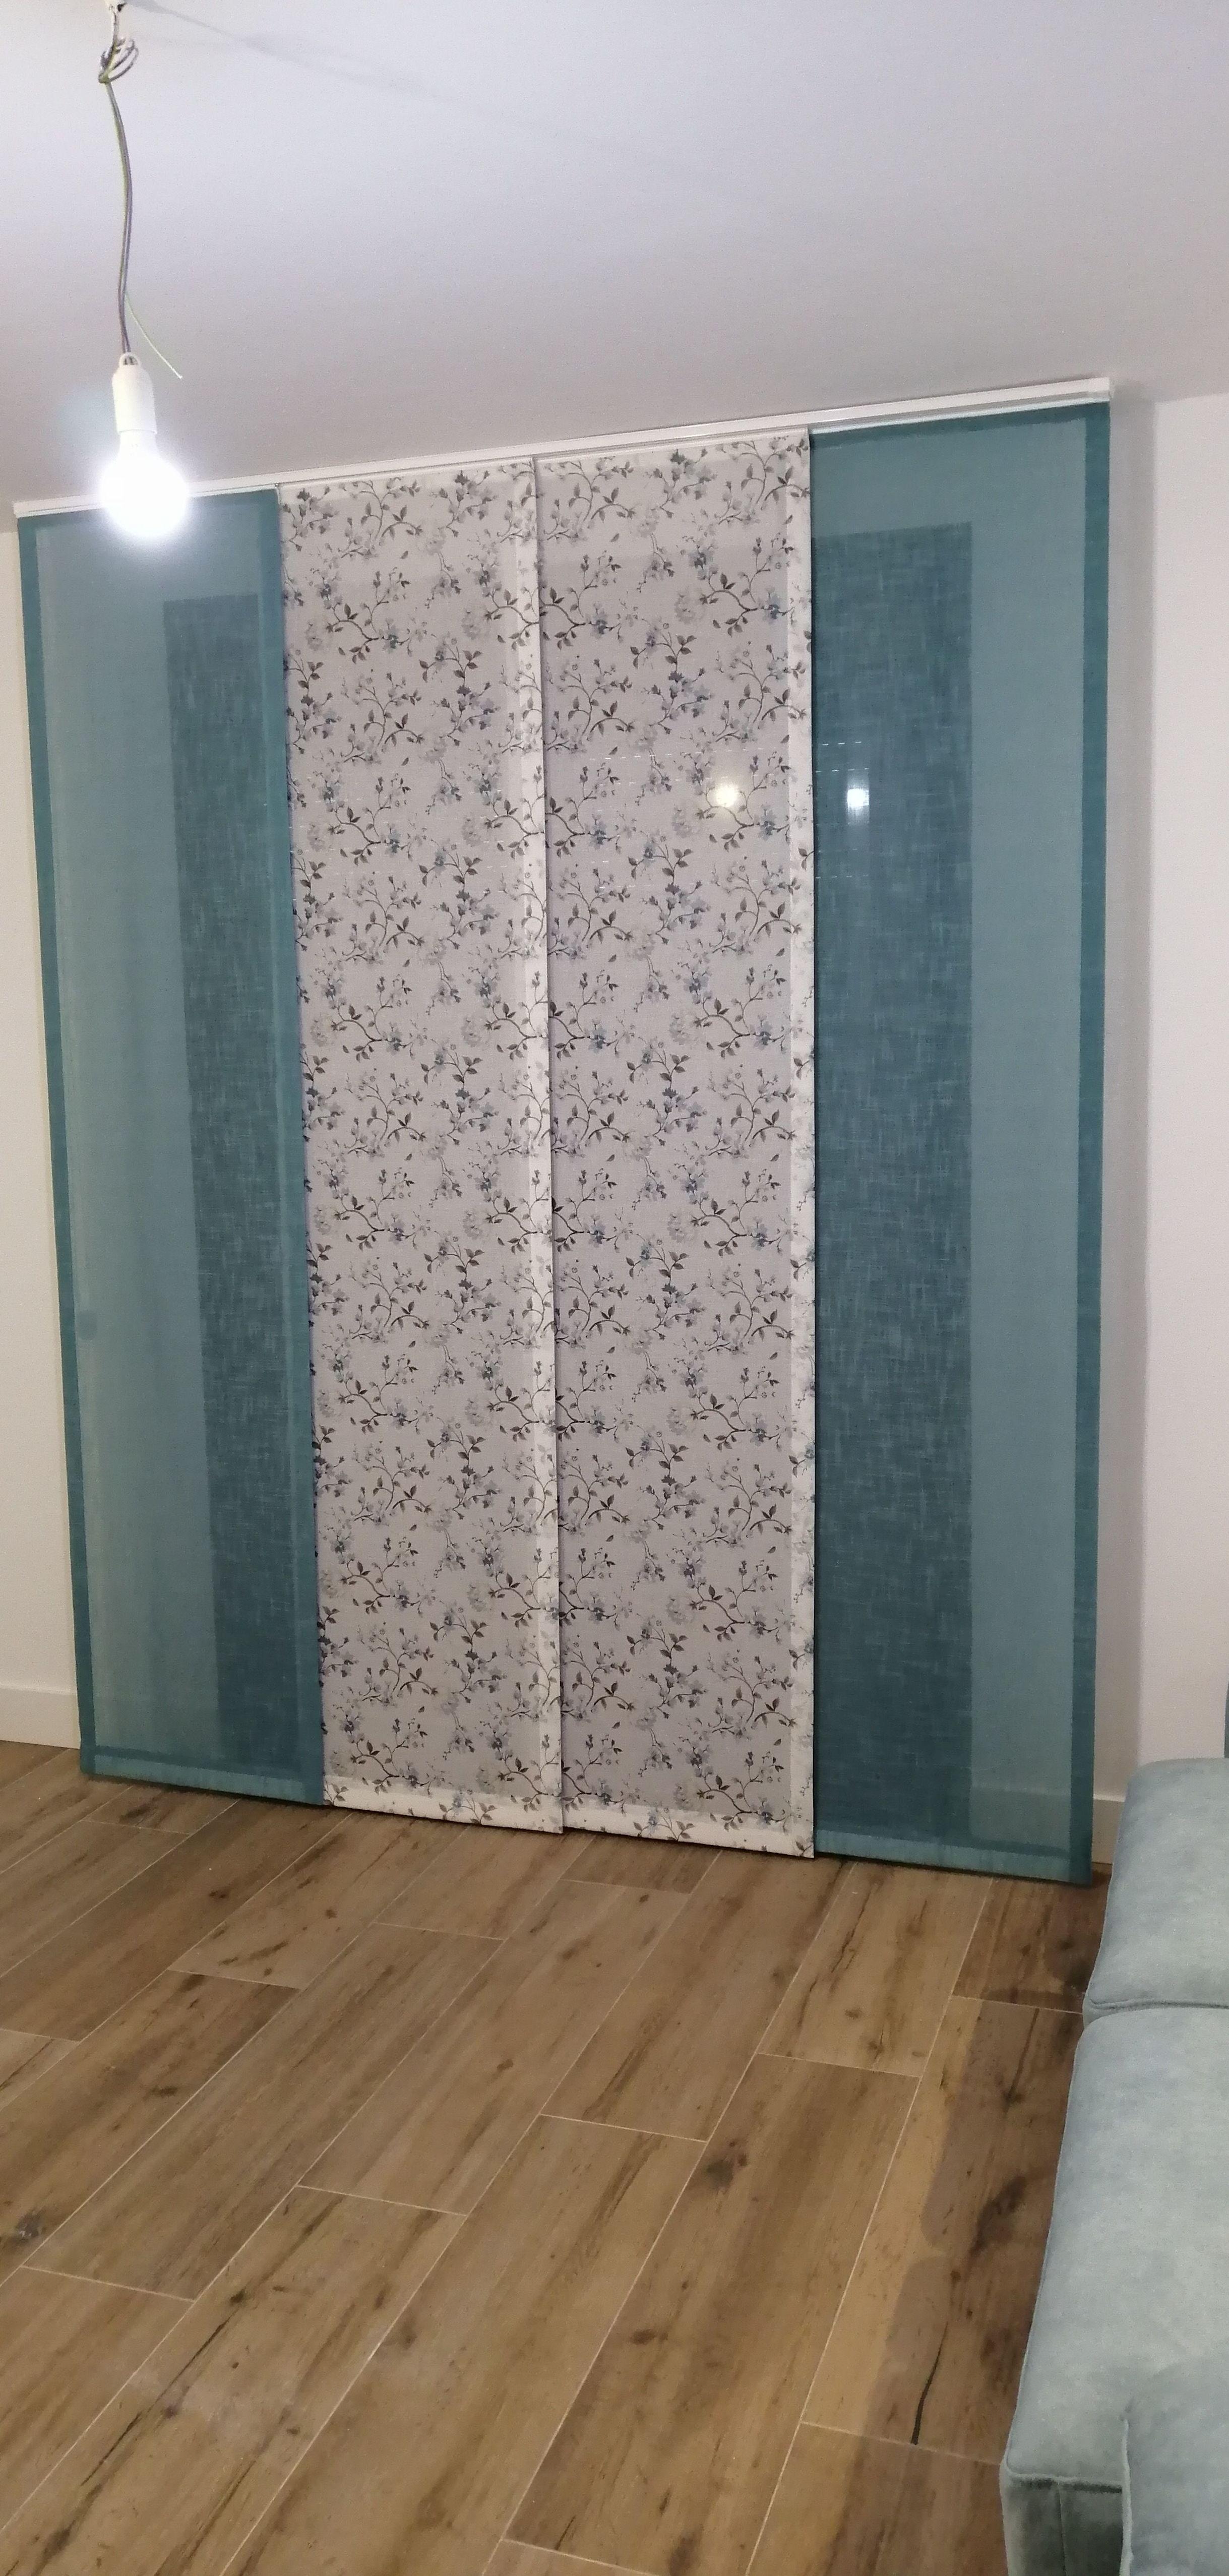 Foto 22 de Venta e instalación de cortinas en  | Feymar